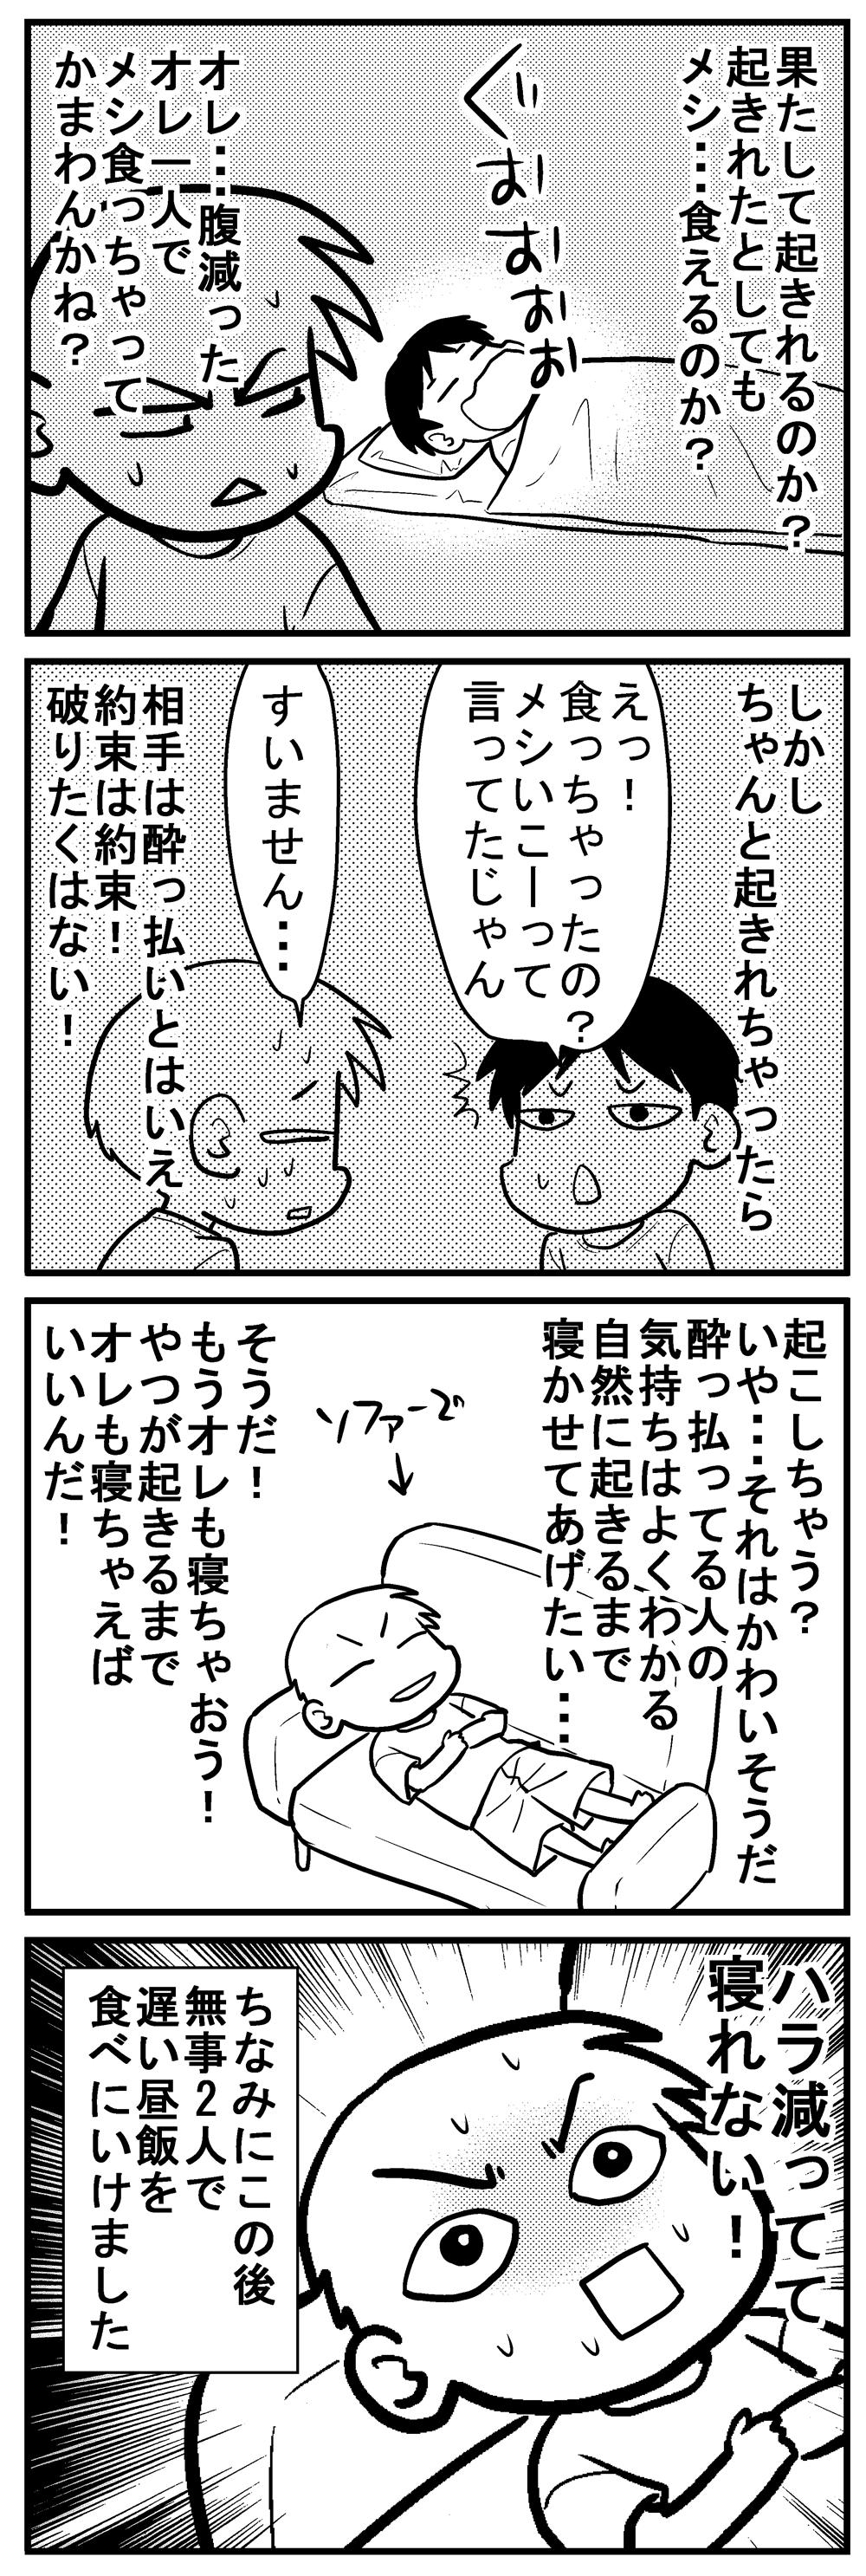 深読みくん92-4